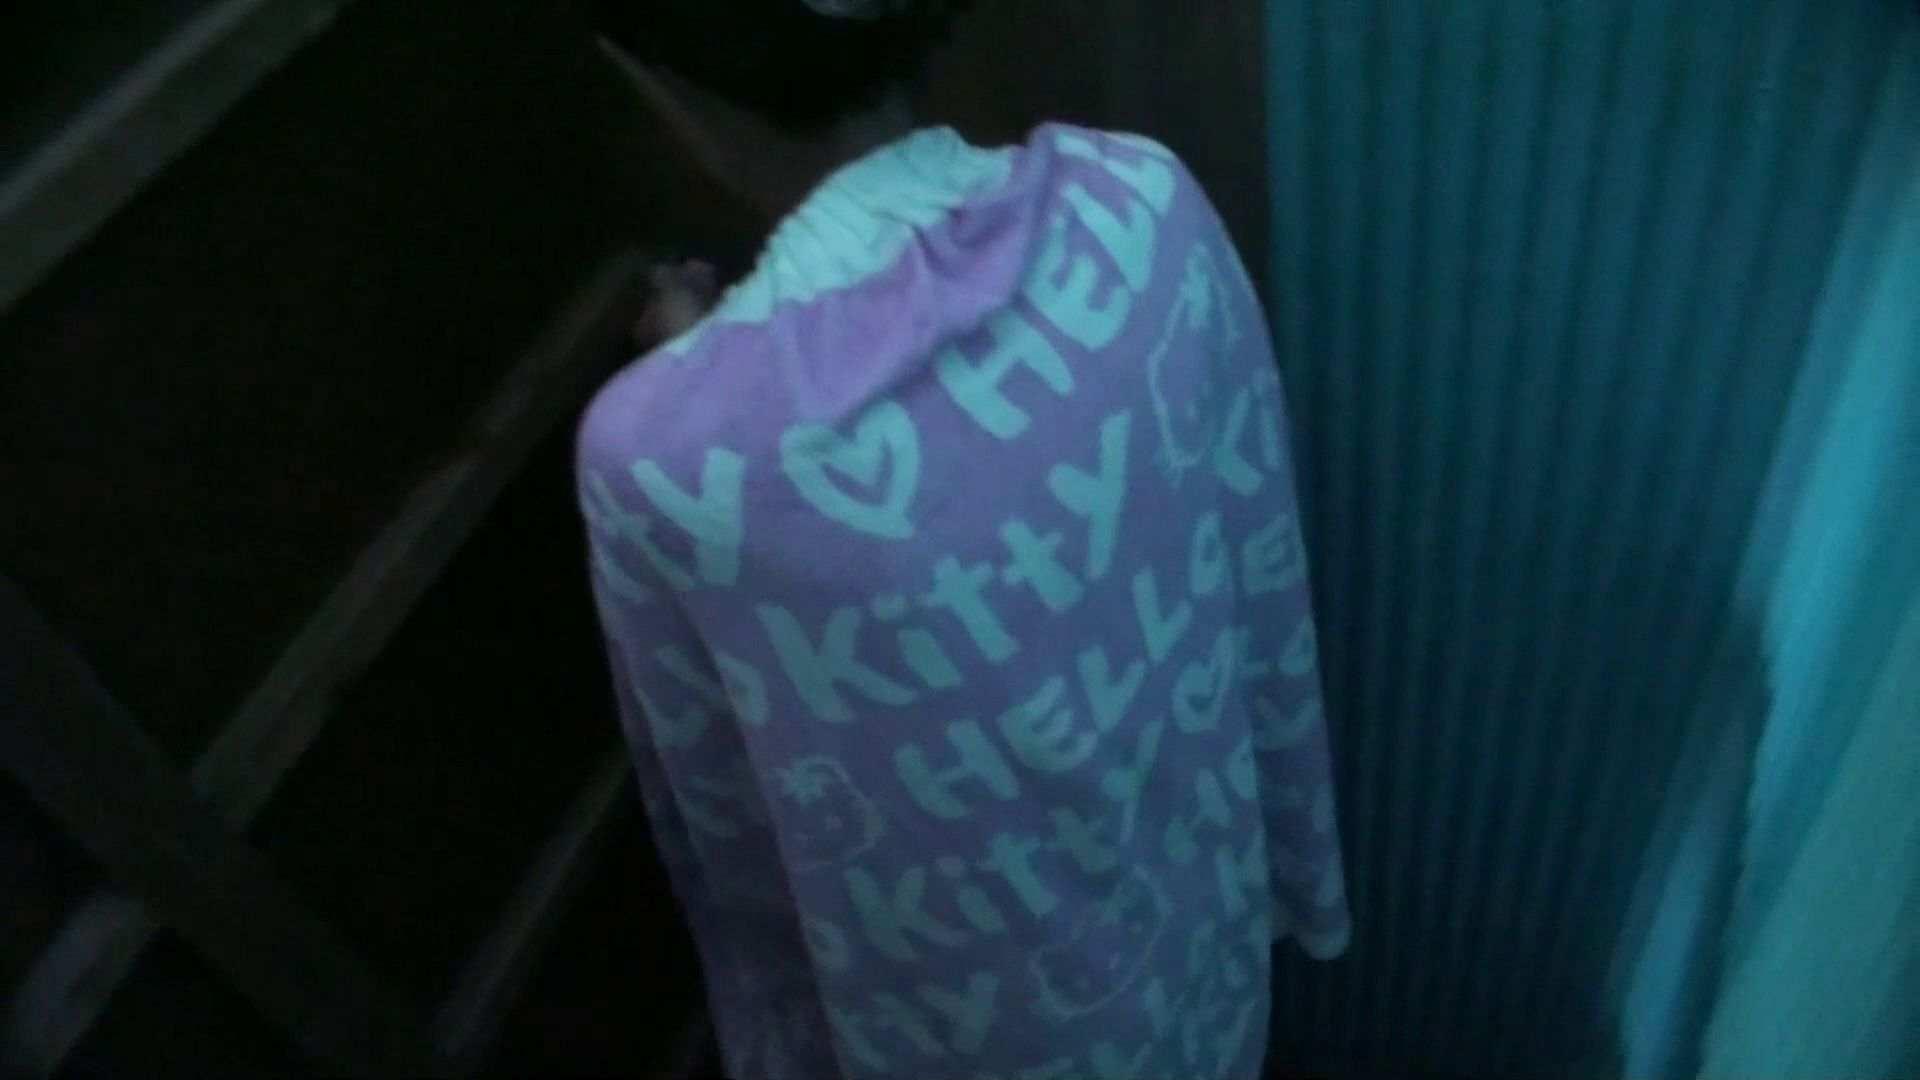 シャワールームは超!!危険な香りVol.26 大学生風美形ギャル 暗さが残念! OLヌード天国 セックス無修正動画無料 103PIX 2